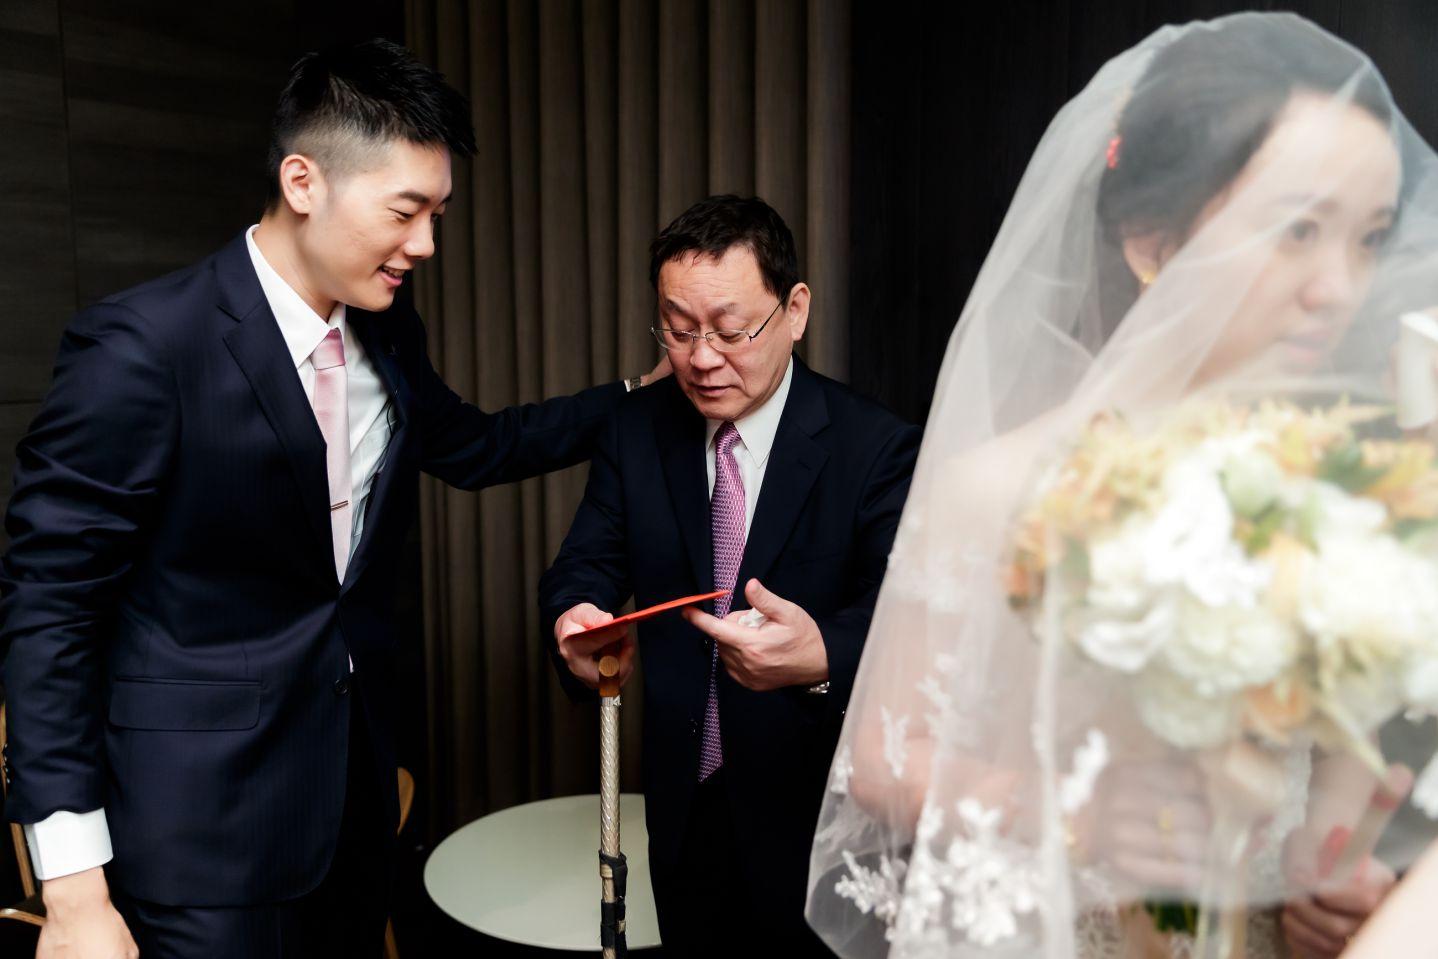 結婚儀式拜帖(丈人帖)